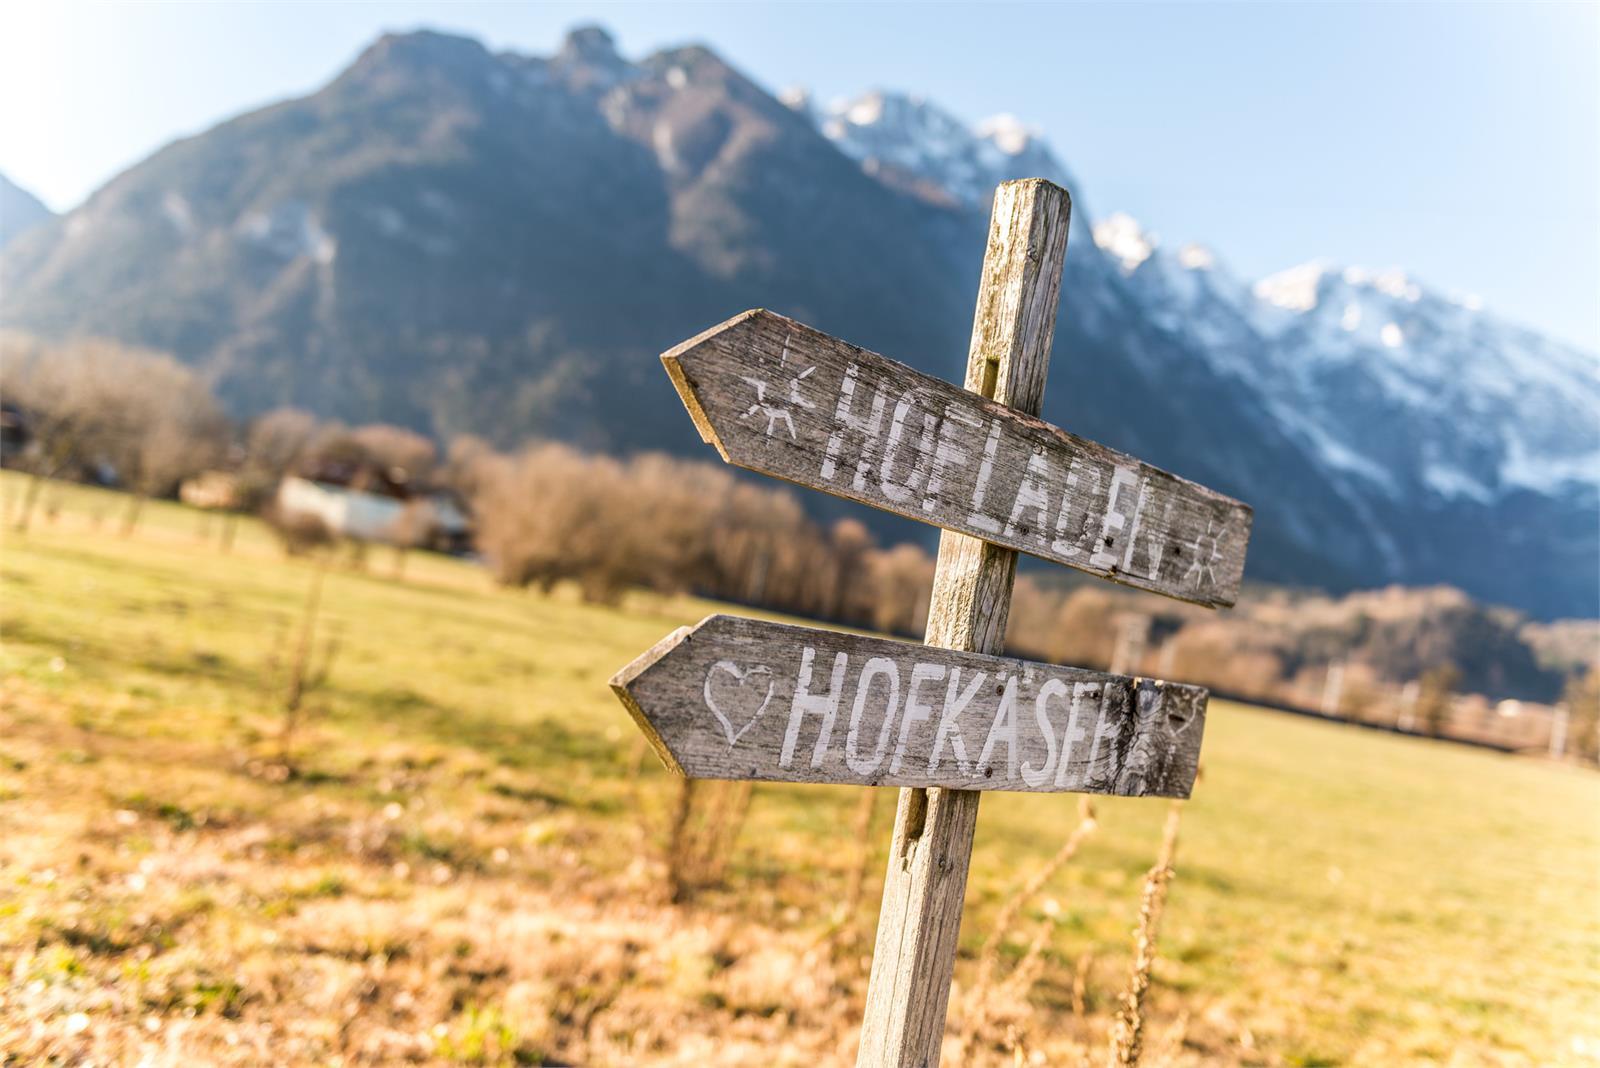 Hofladen Schilder | ©Salzburgerland Tourismus - Achim Meurer